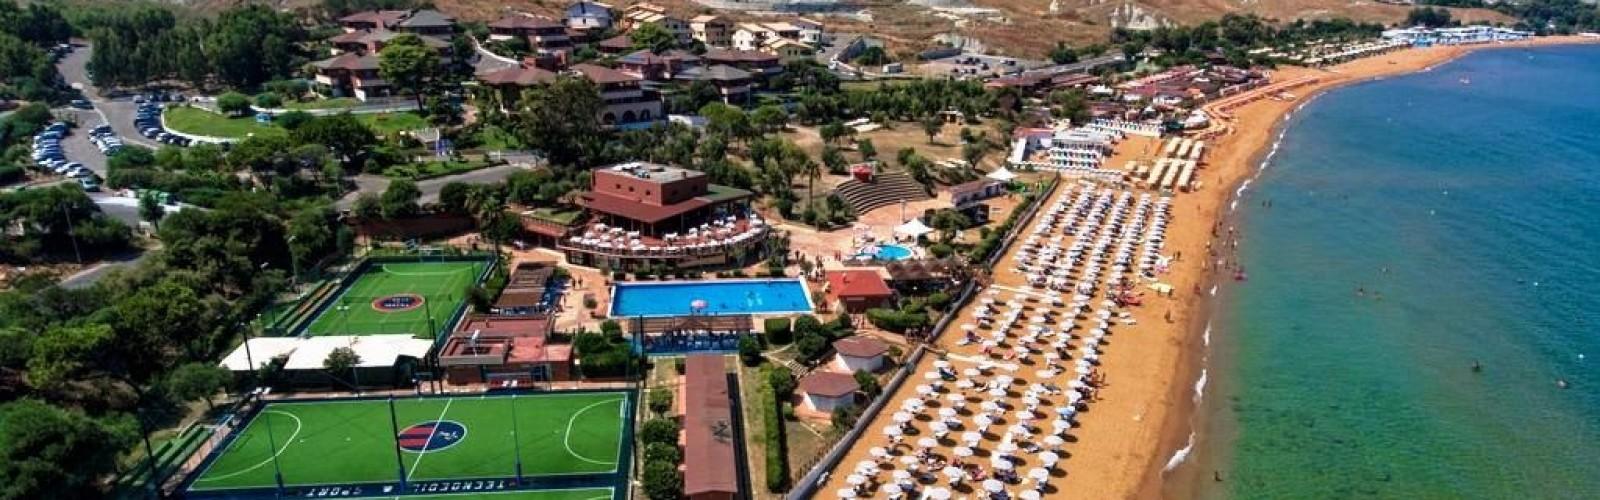 Futura Club Casarossa, Calabria | Struttura dall'alto